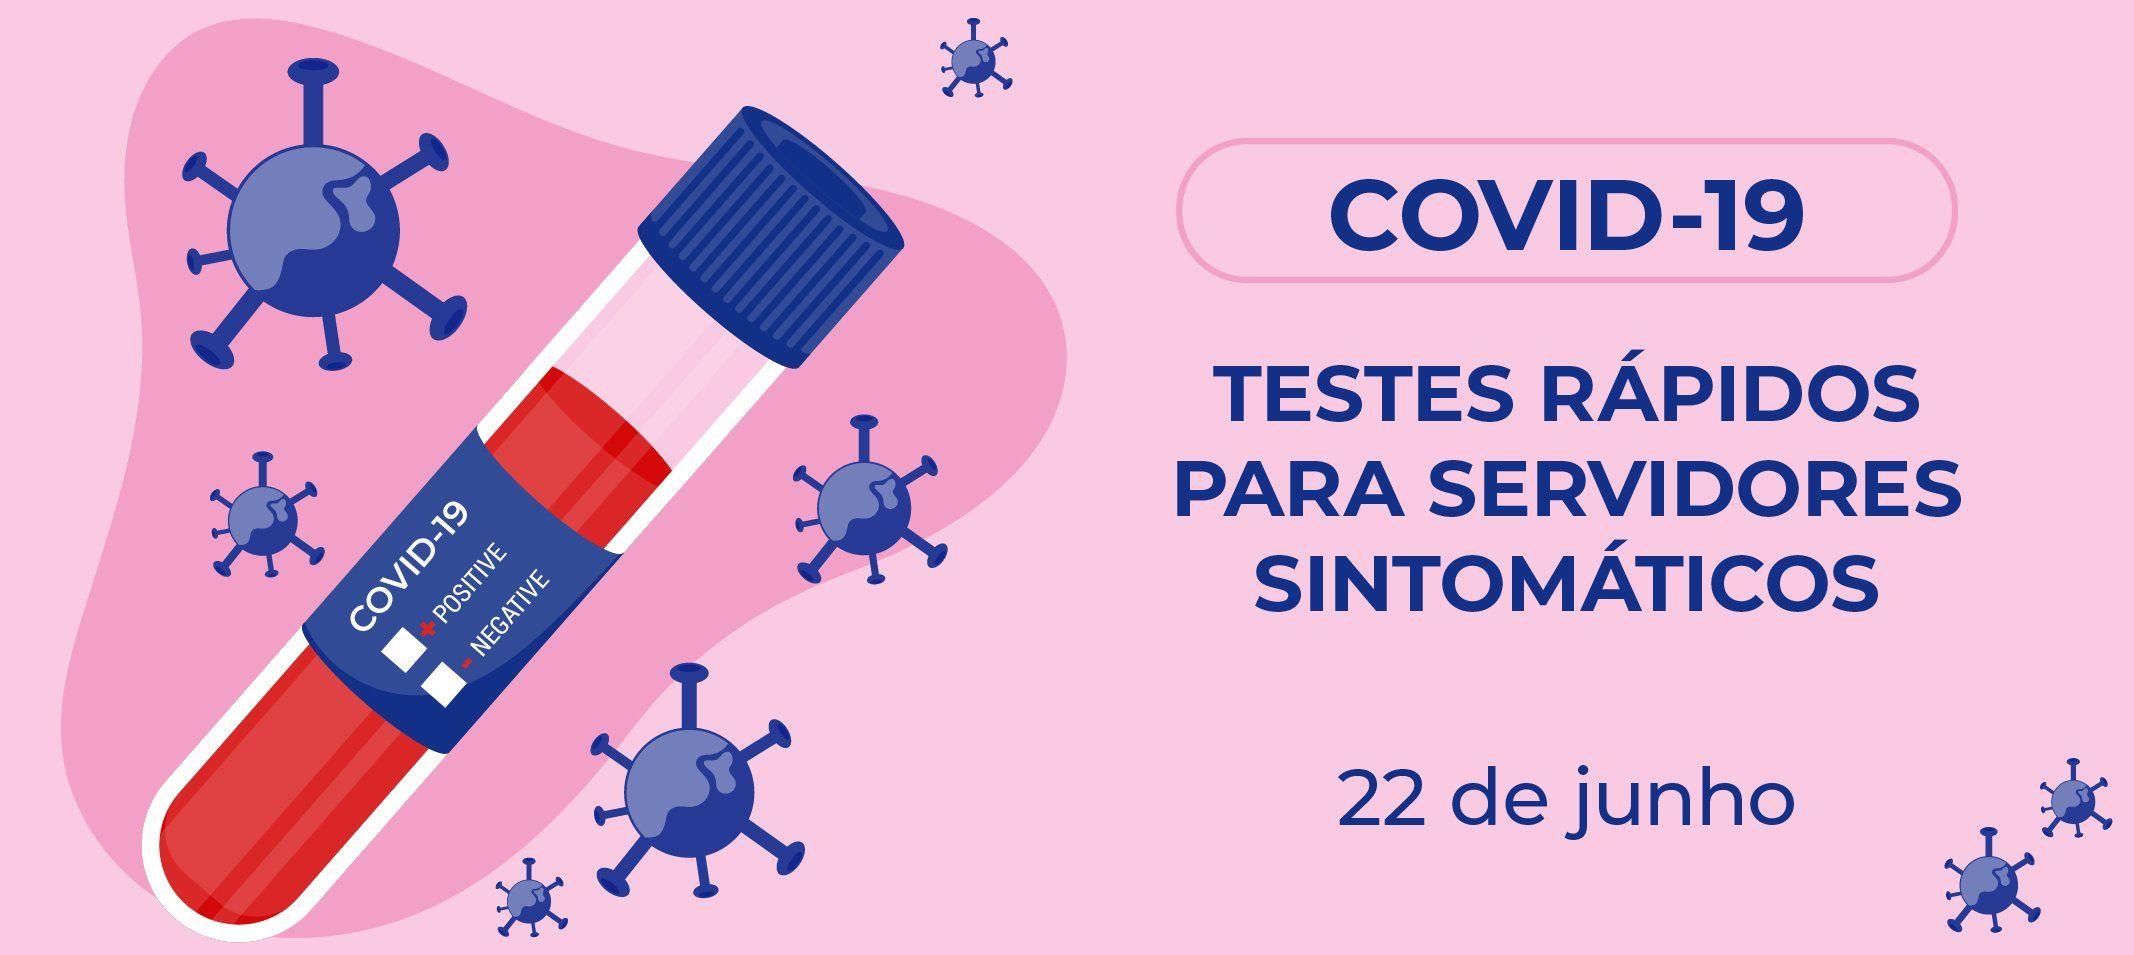 Ufam oferece testes rápidos de covid-19 para servidores sintomáticos